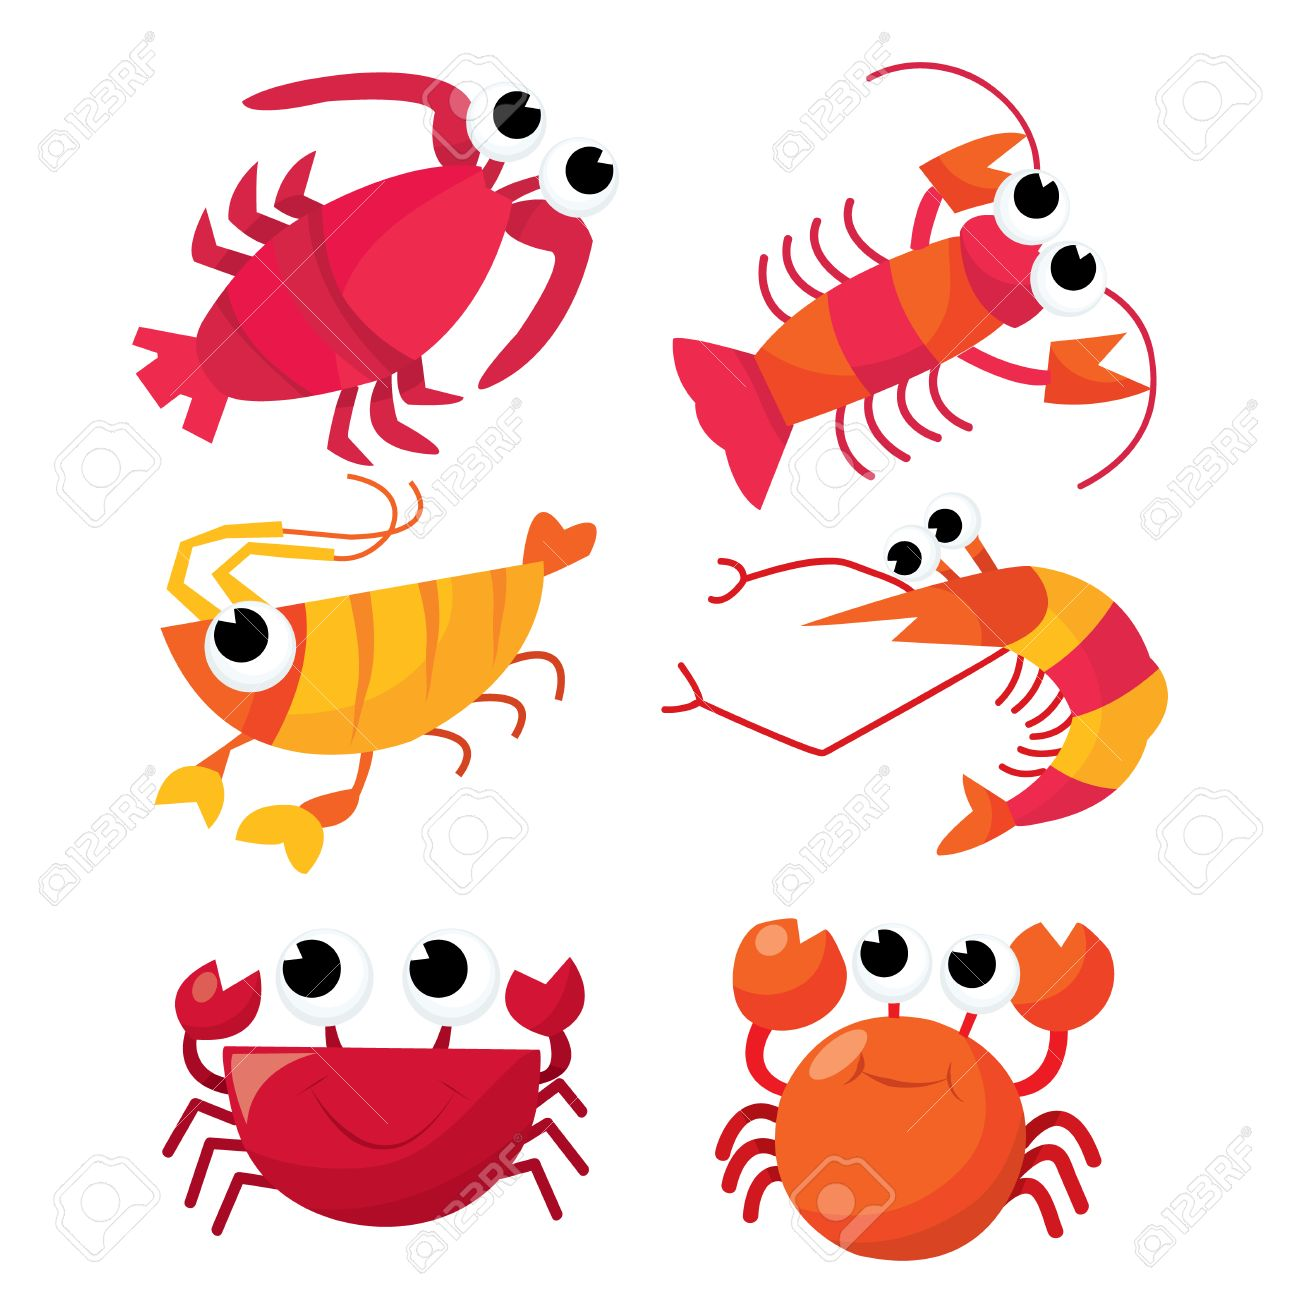 6 かわいい甲殻類の一連の漫画のベクトル イラスト エビカニ